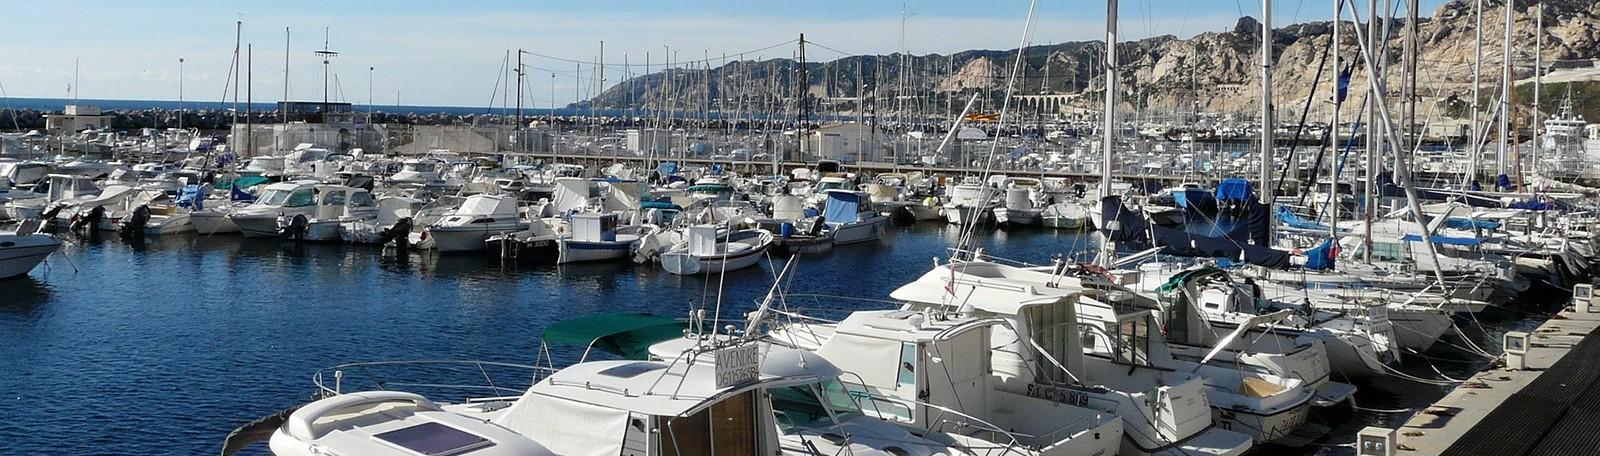 Parking Estienne d'Orves - Place aux Huiles 13001 Marseille